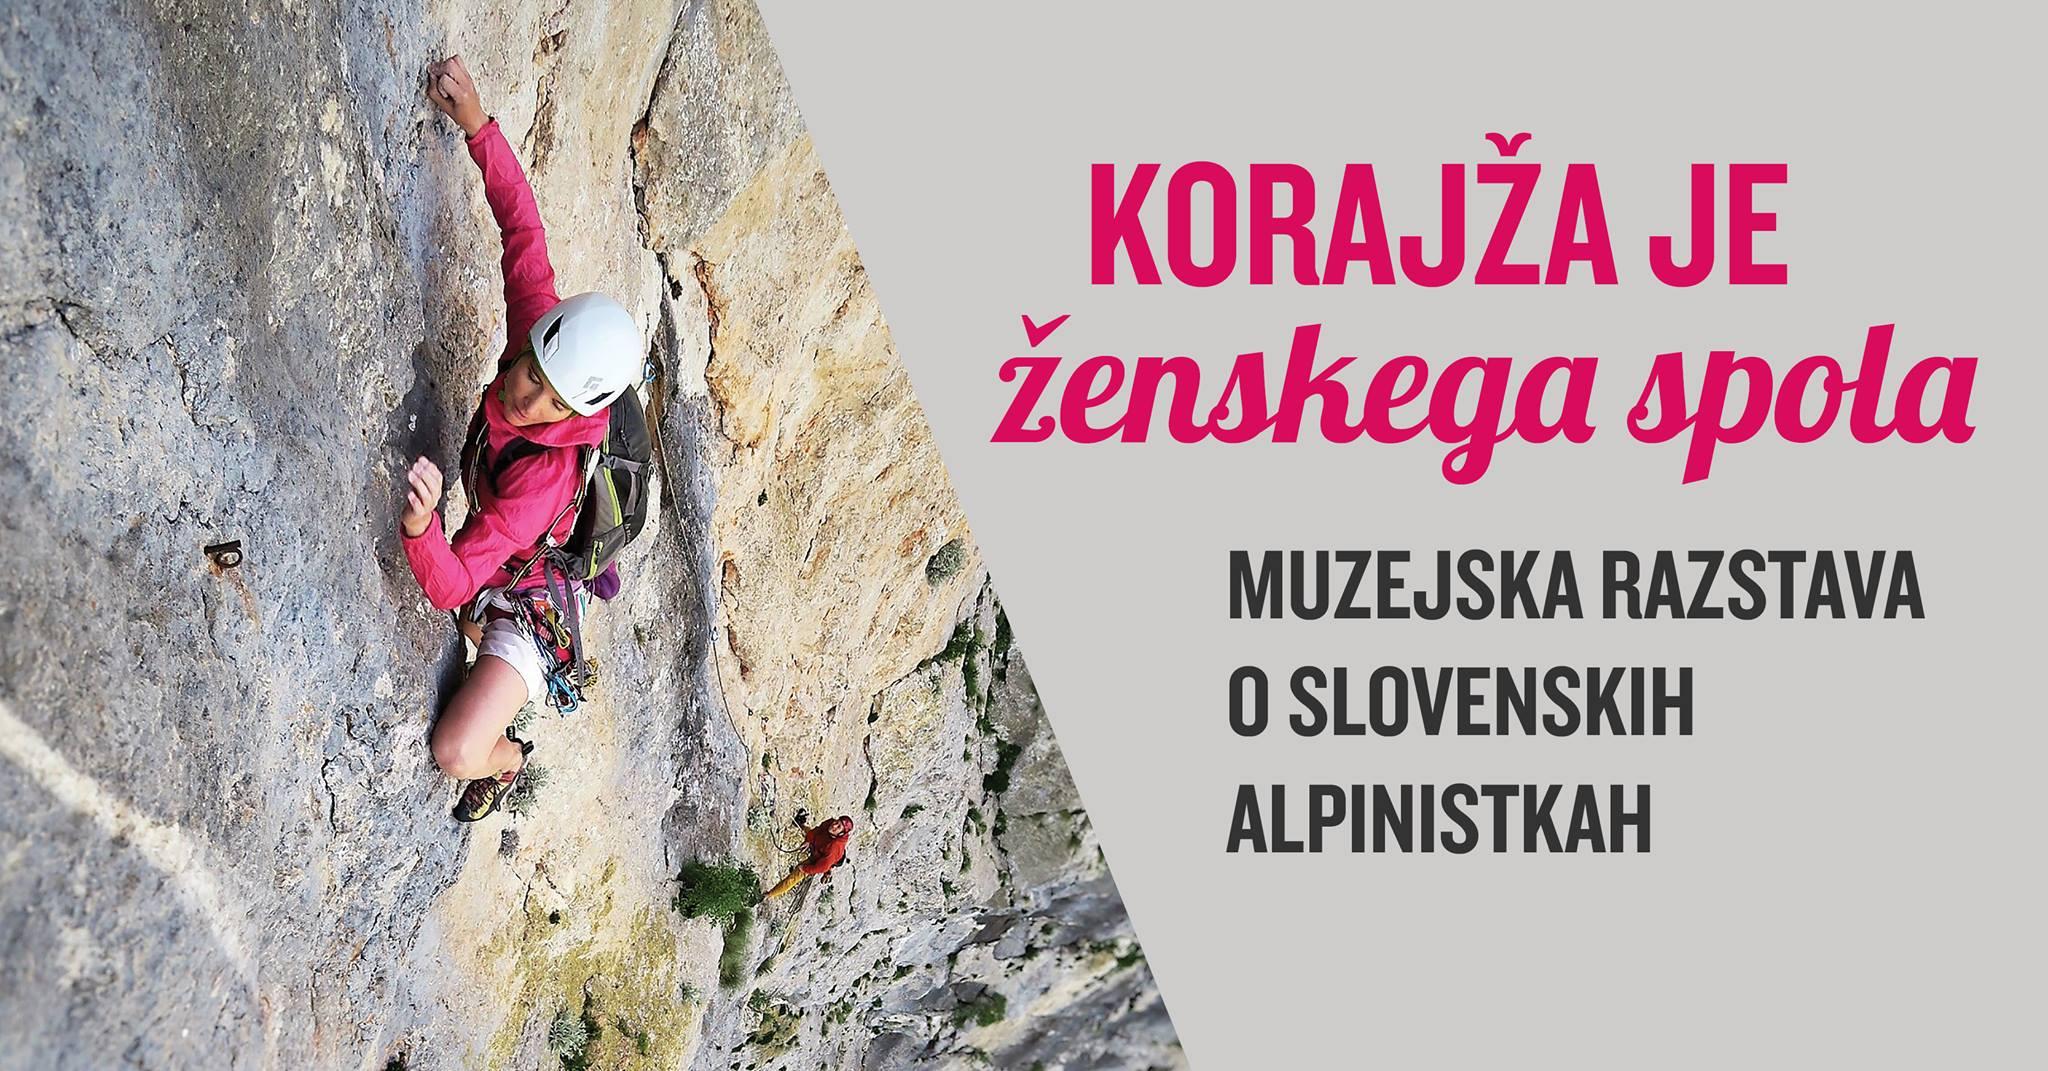 korajza_je_zenskega_spola